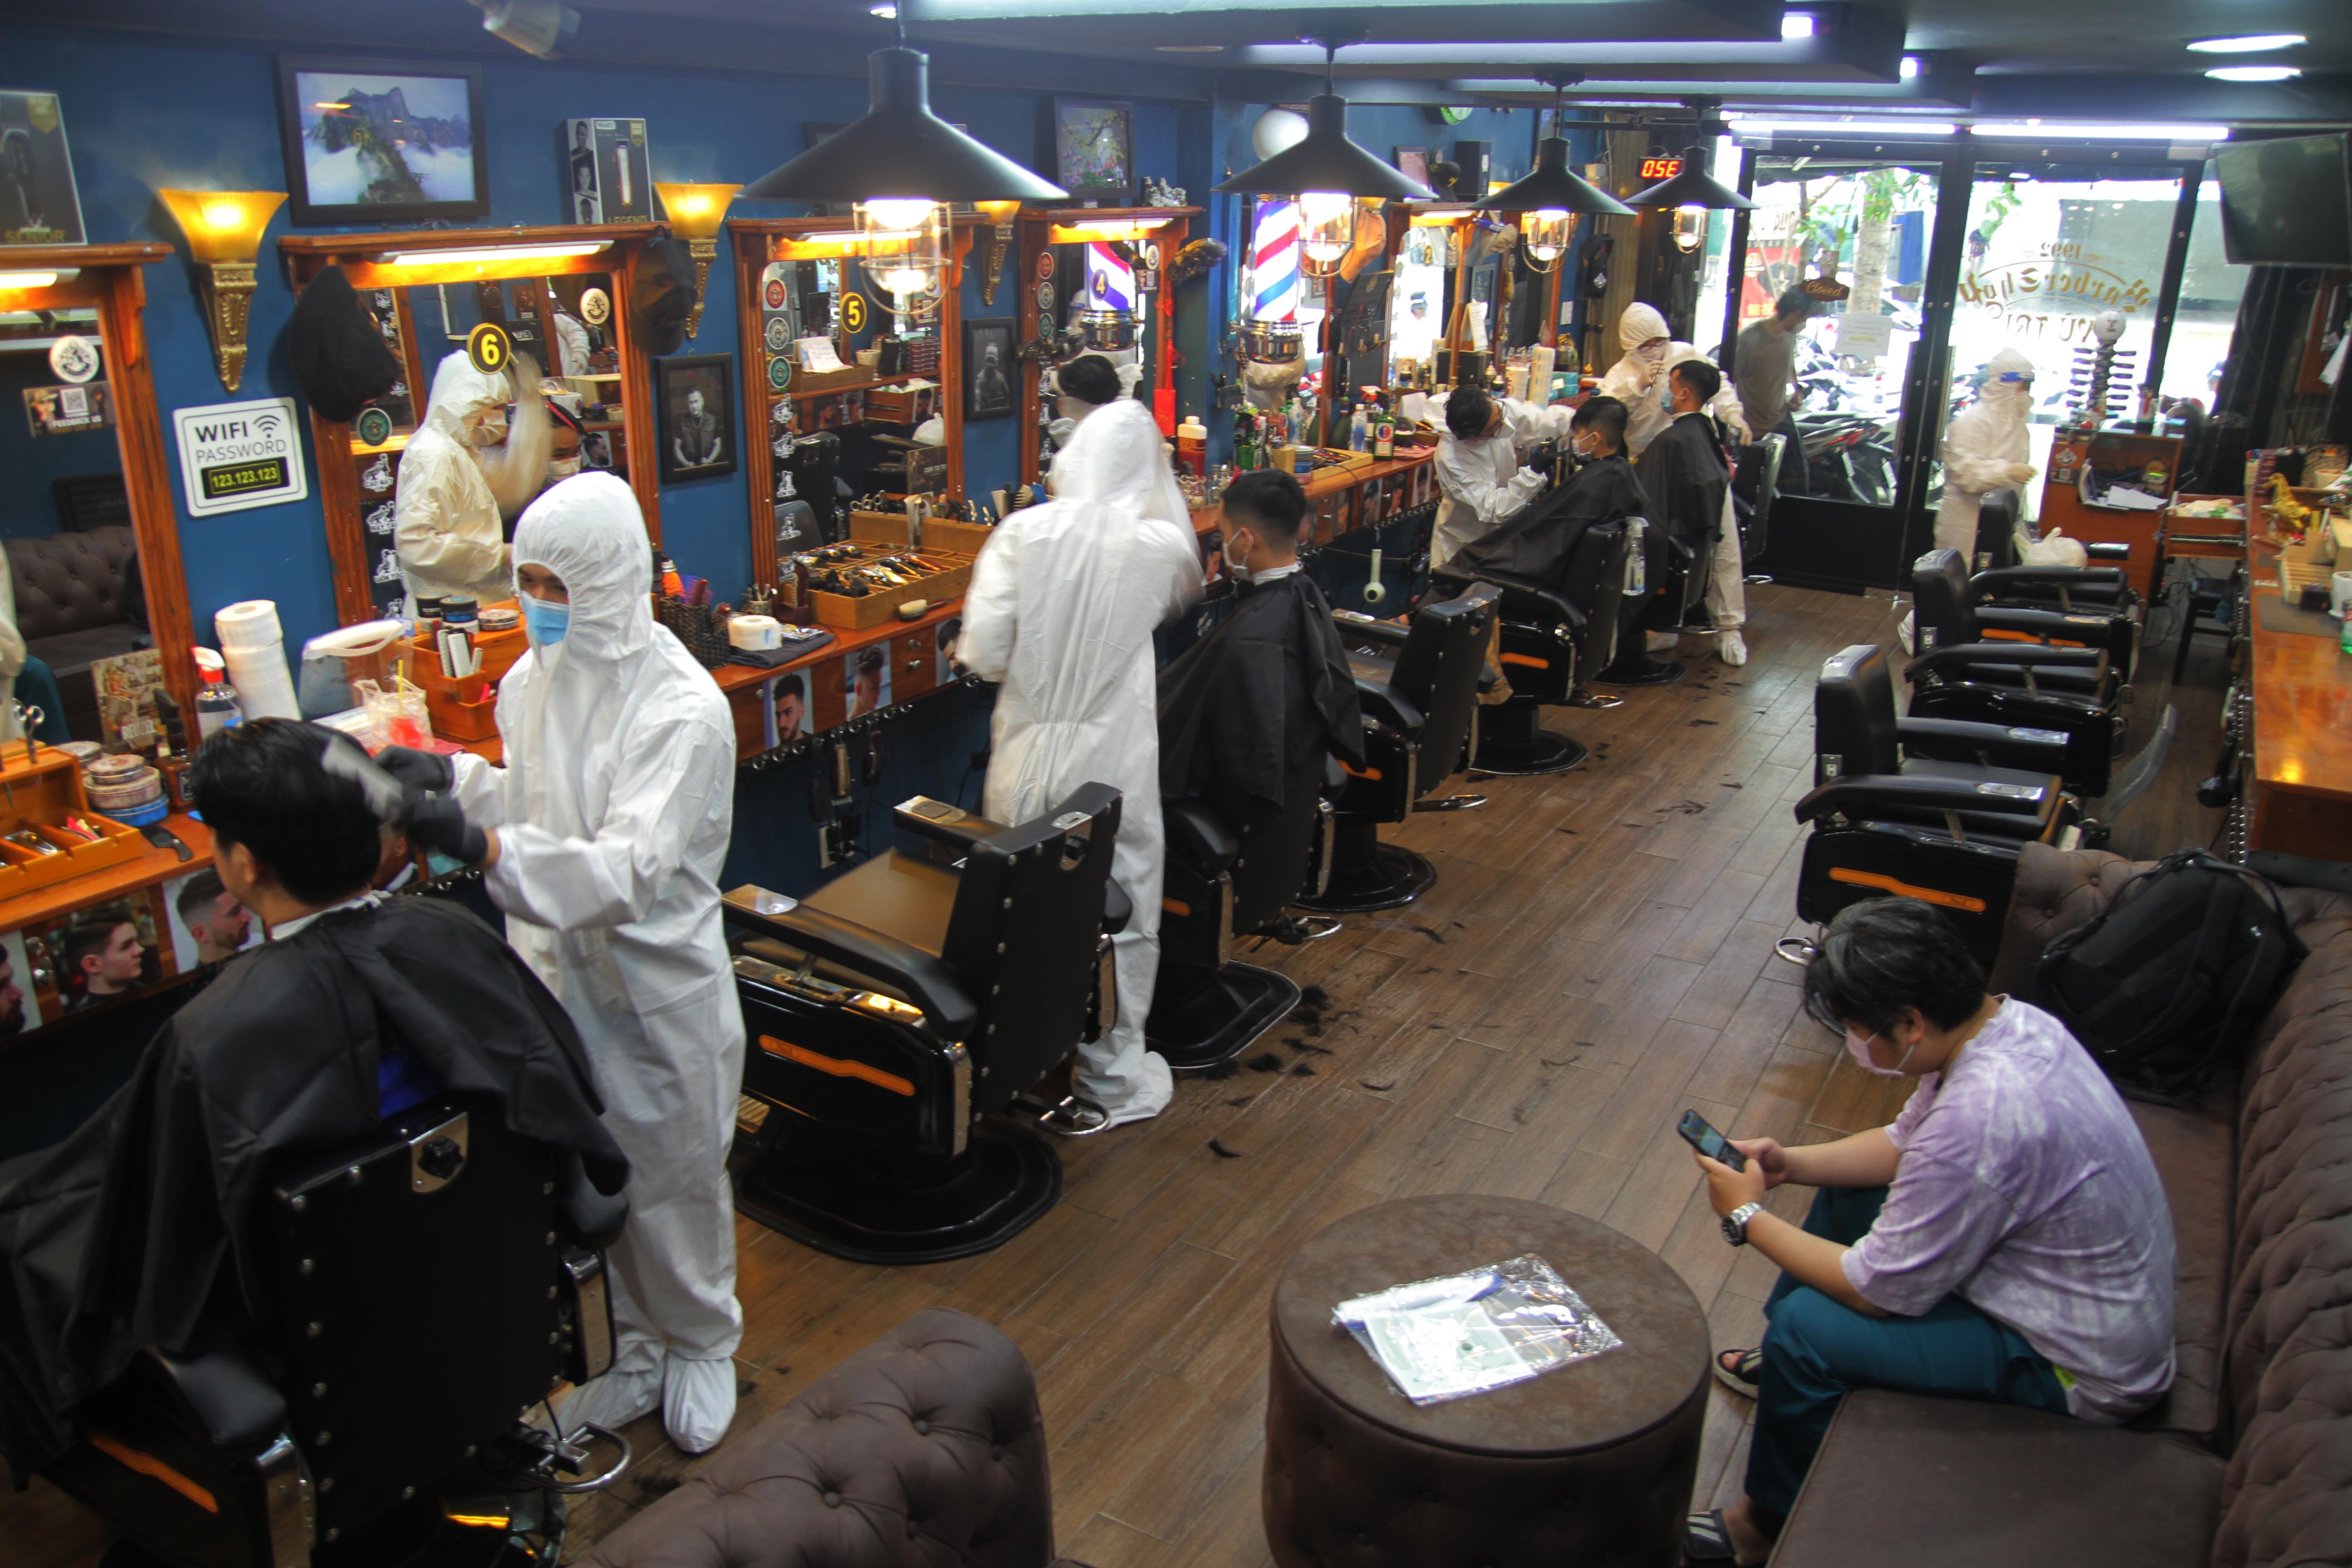 TP.HCM ngày 1.10: Kín lịch cắt tóc, thợ mặc đồ bảo hộ chống dịch